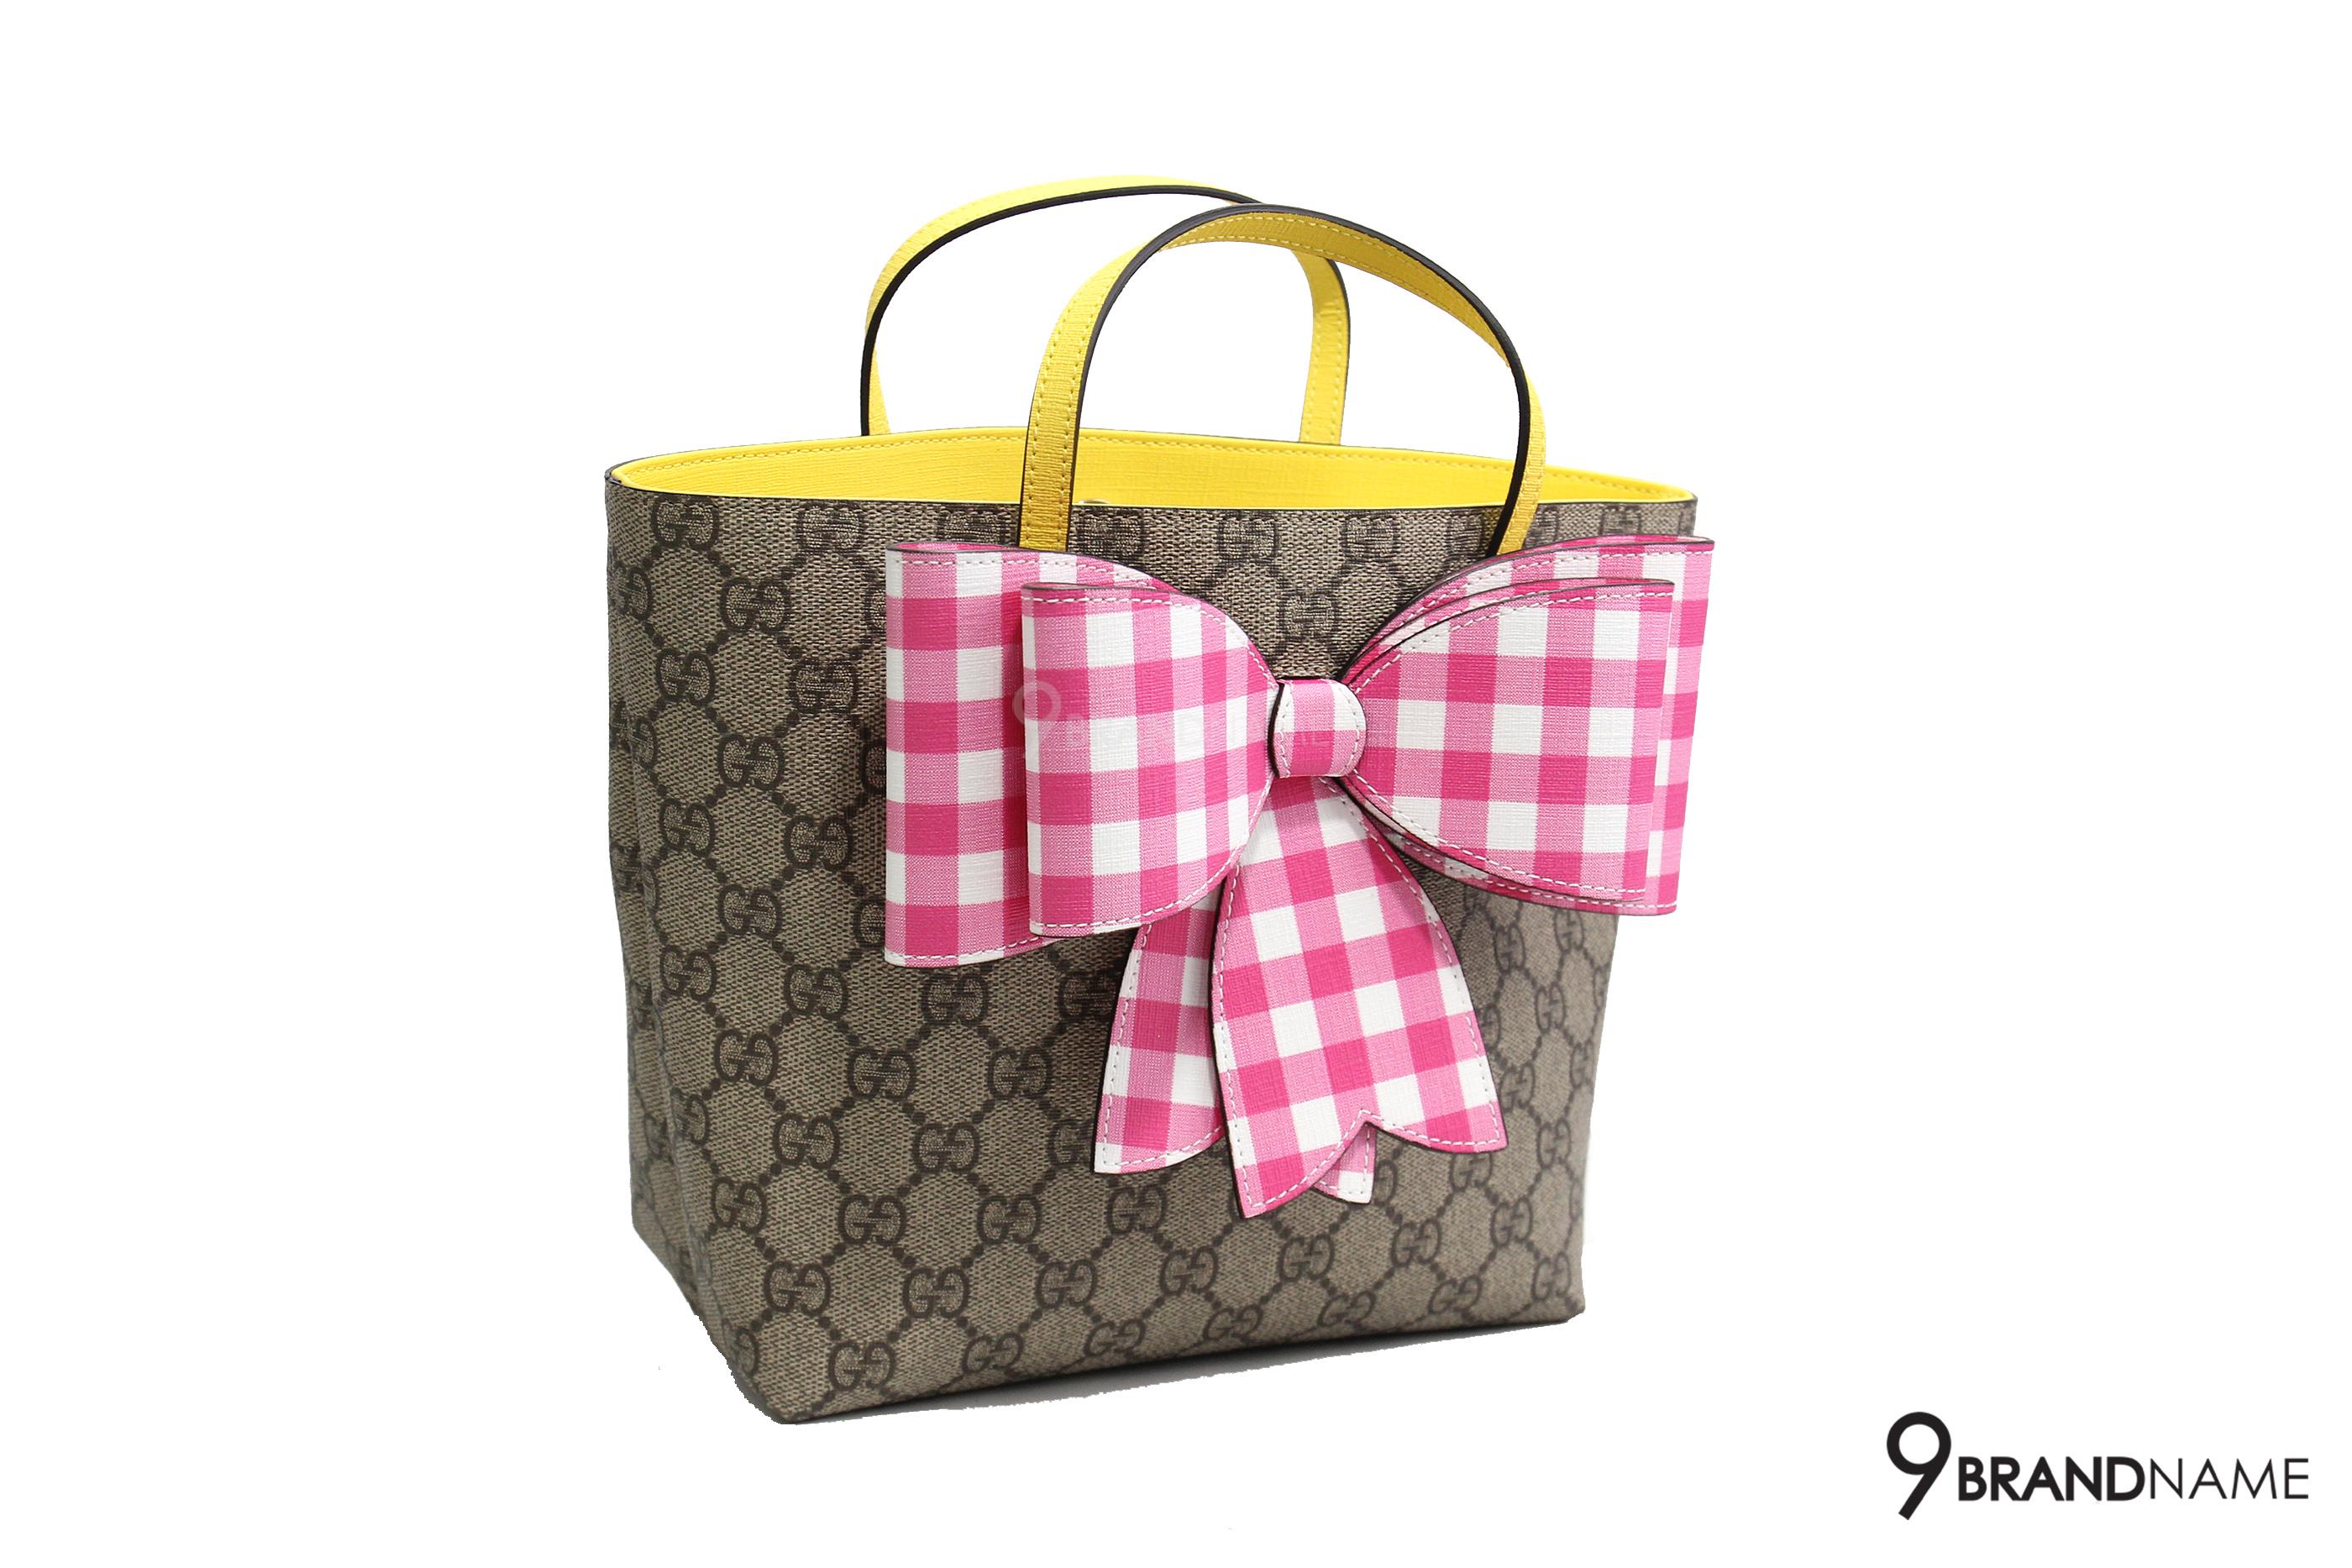 08843c195d Gucci Kids Children's GG Supreme check bow tote